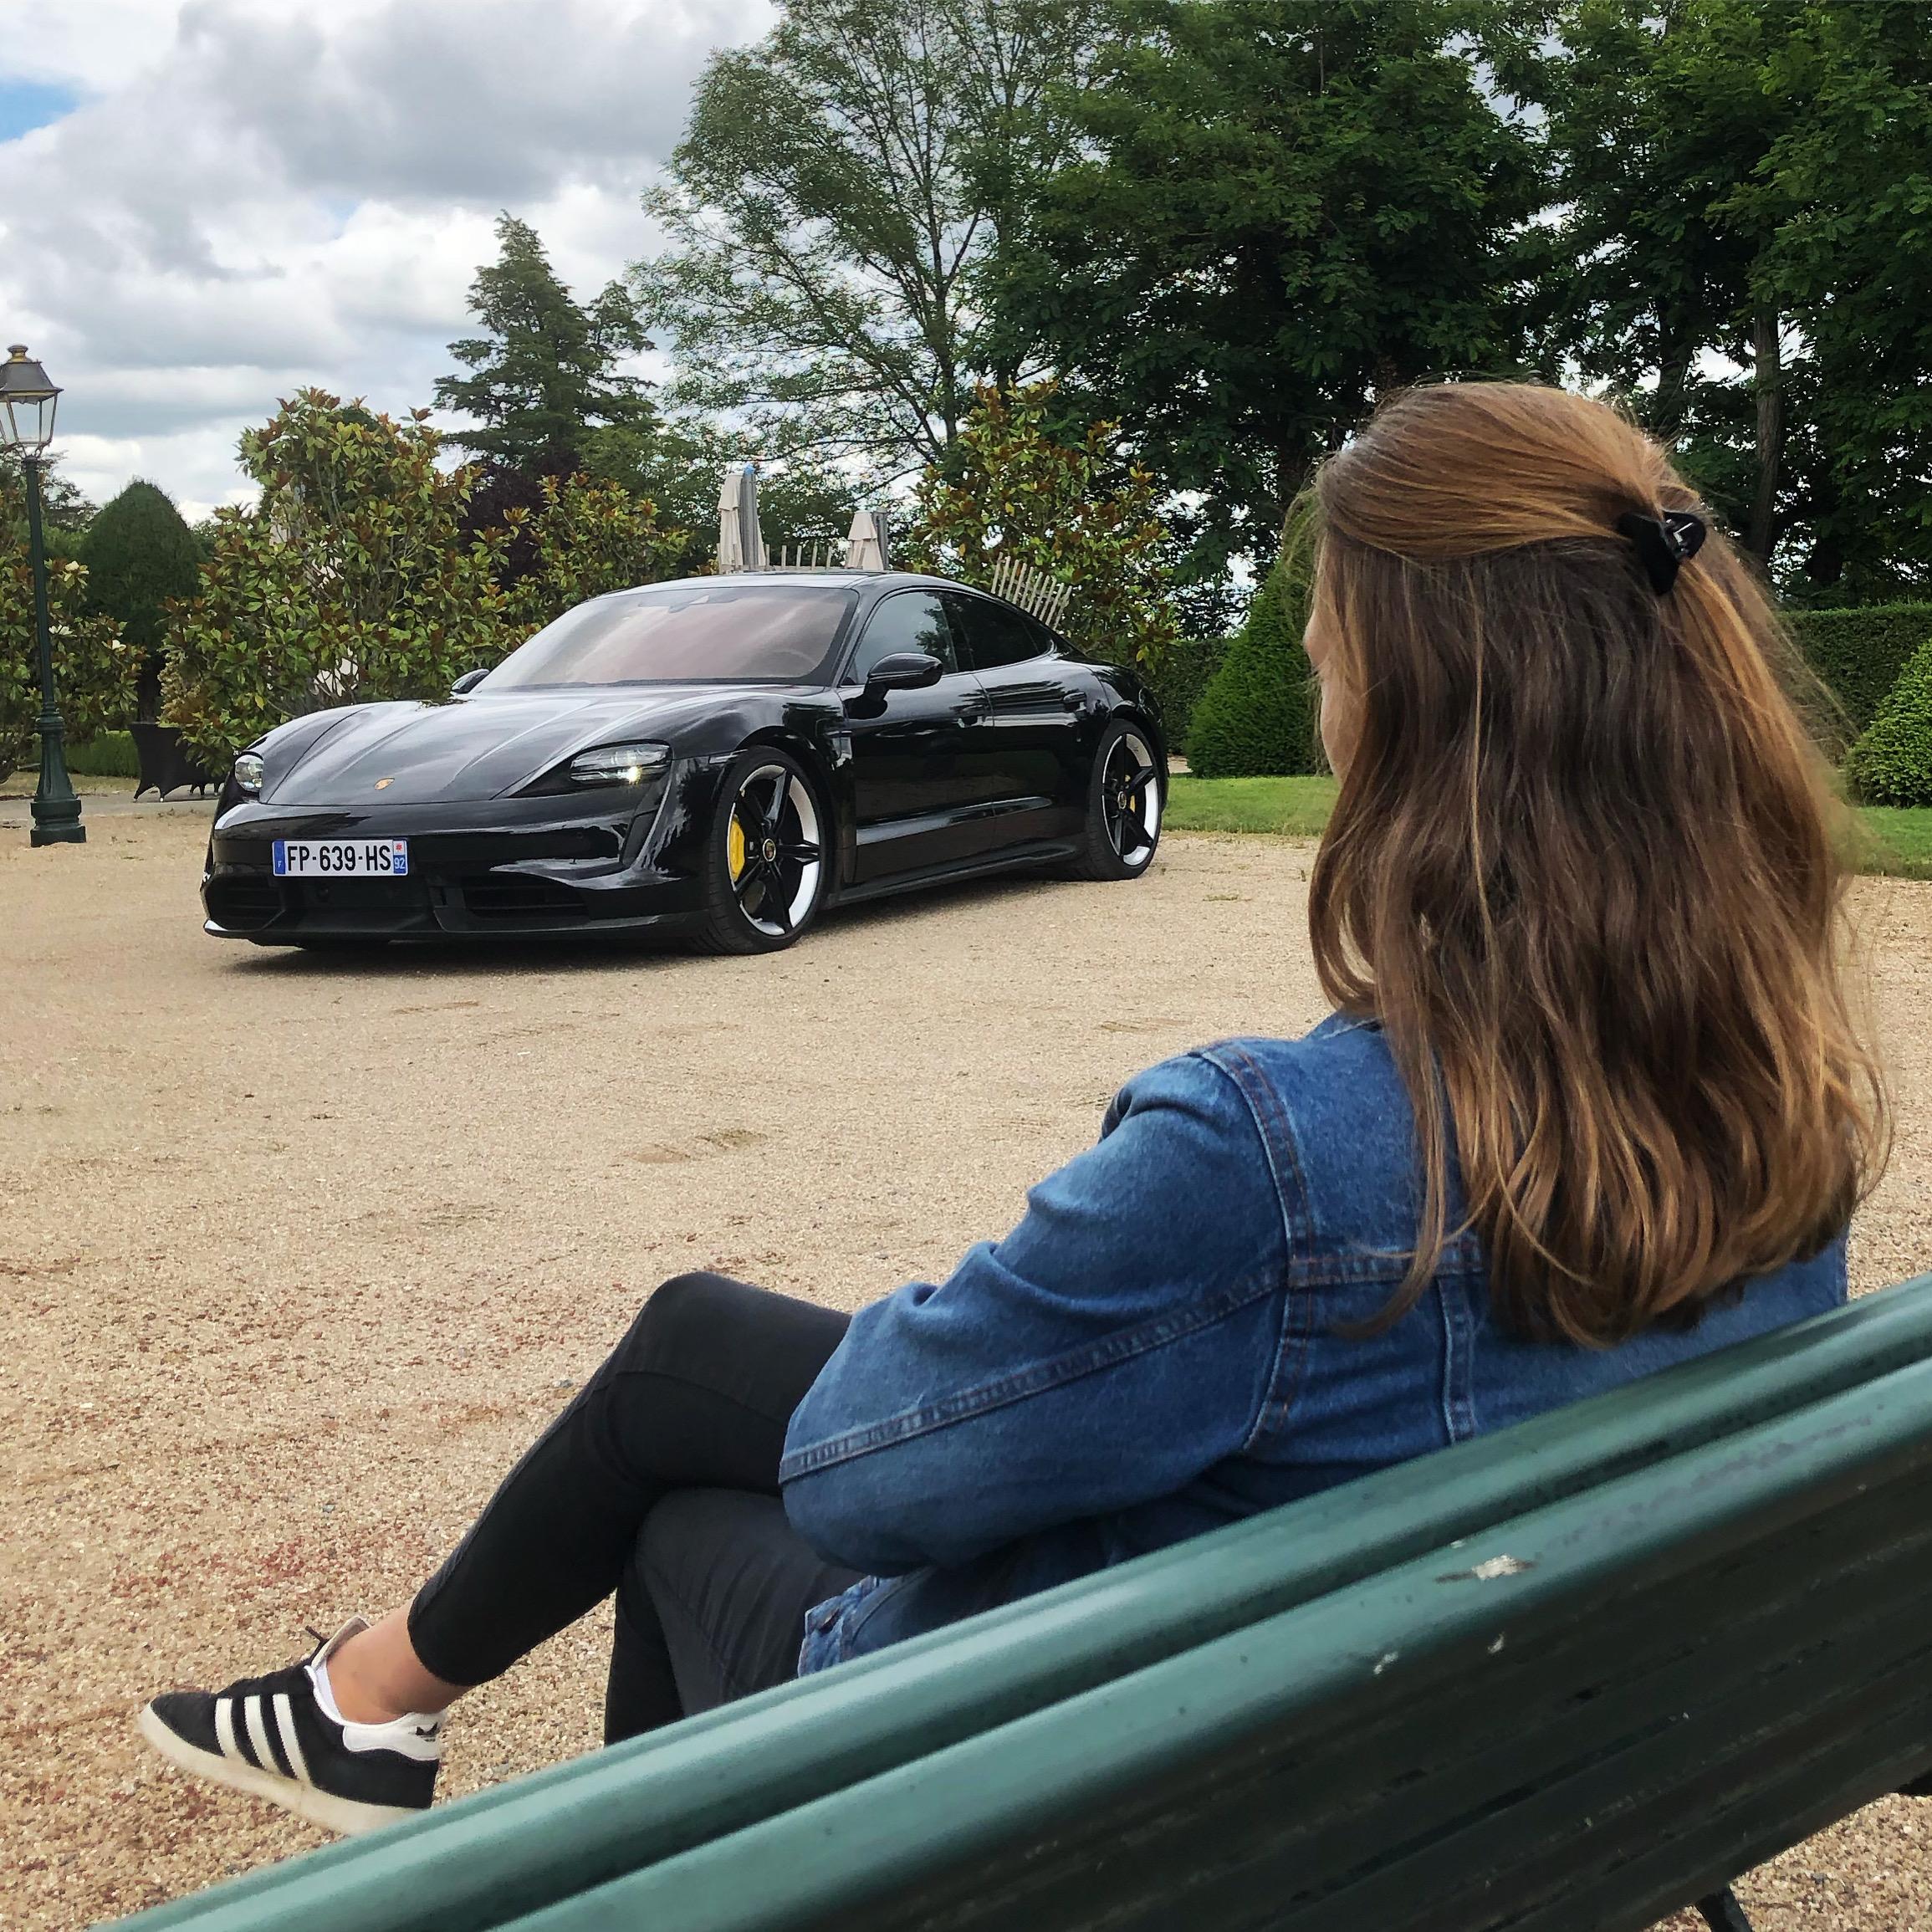 Porsche, Taycan, voiture électrique, essai auto, mobilité durable , clémence de bernis